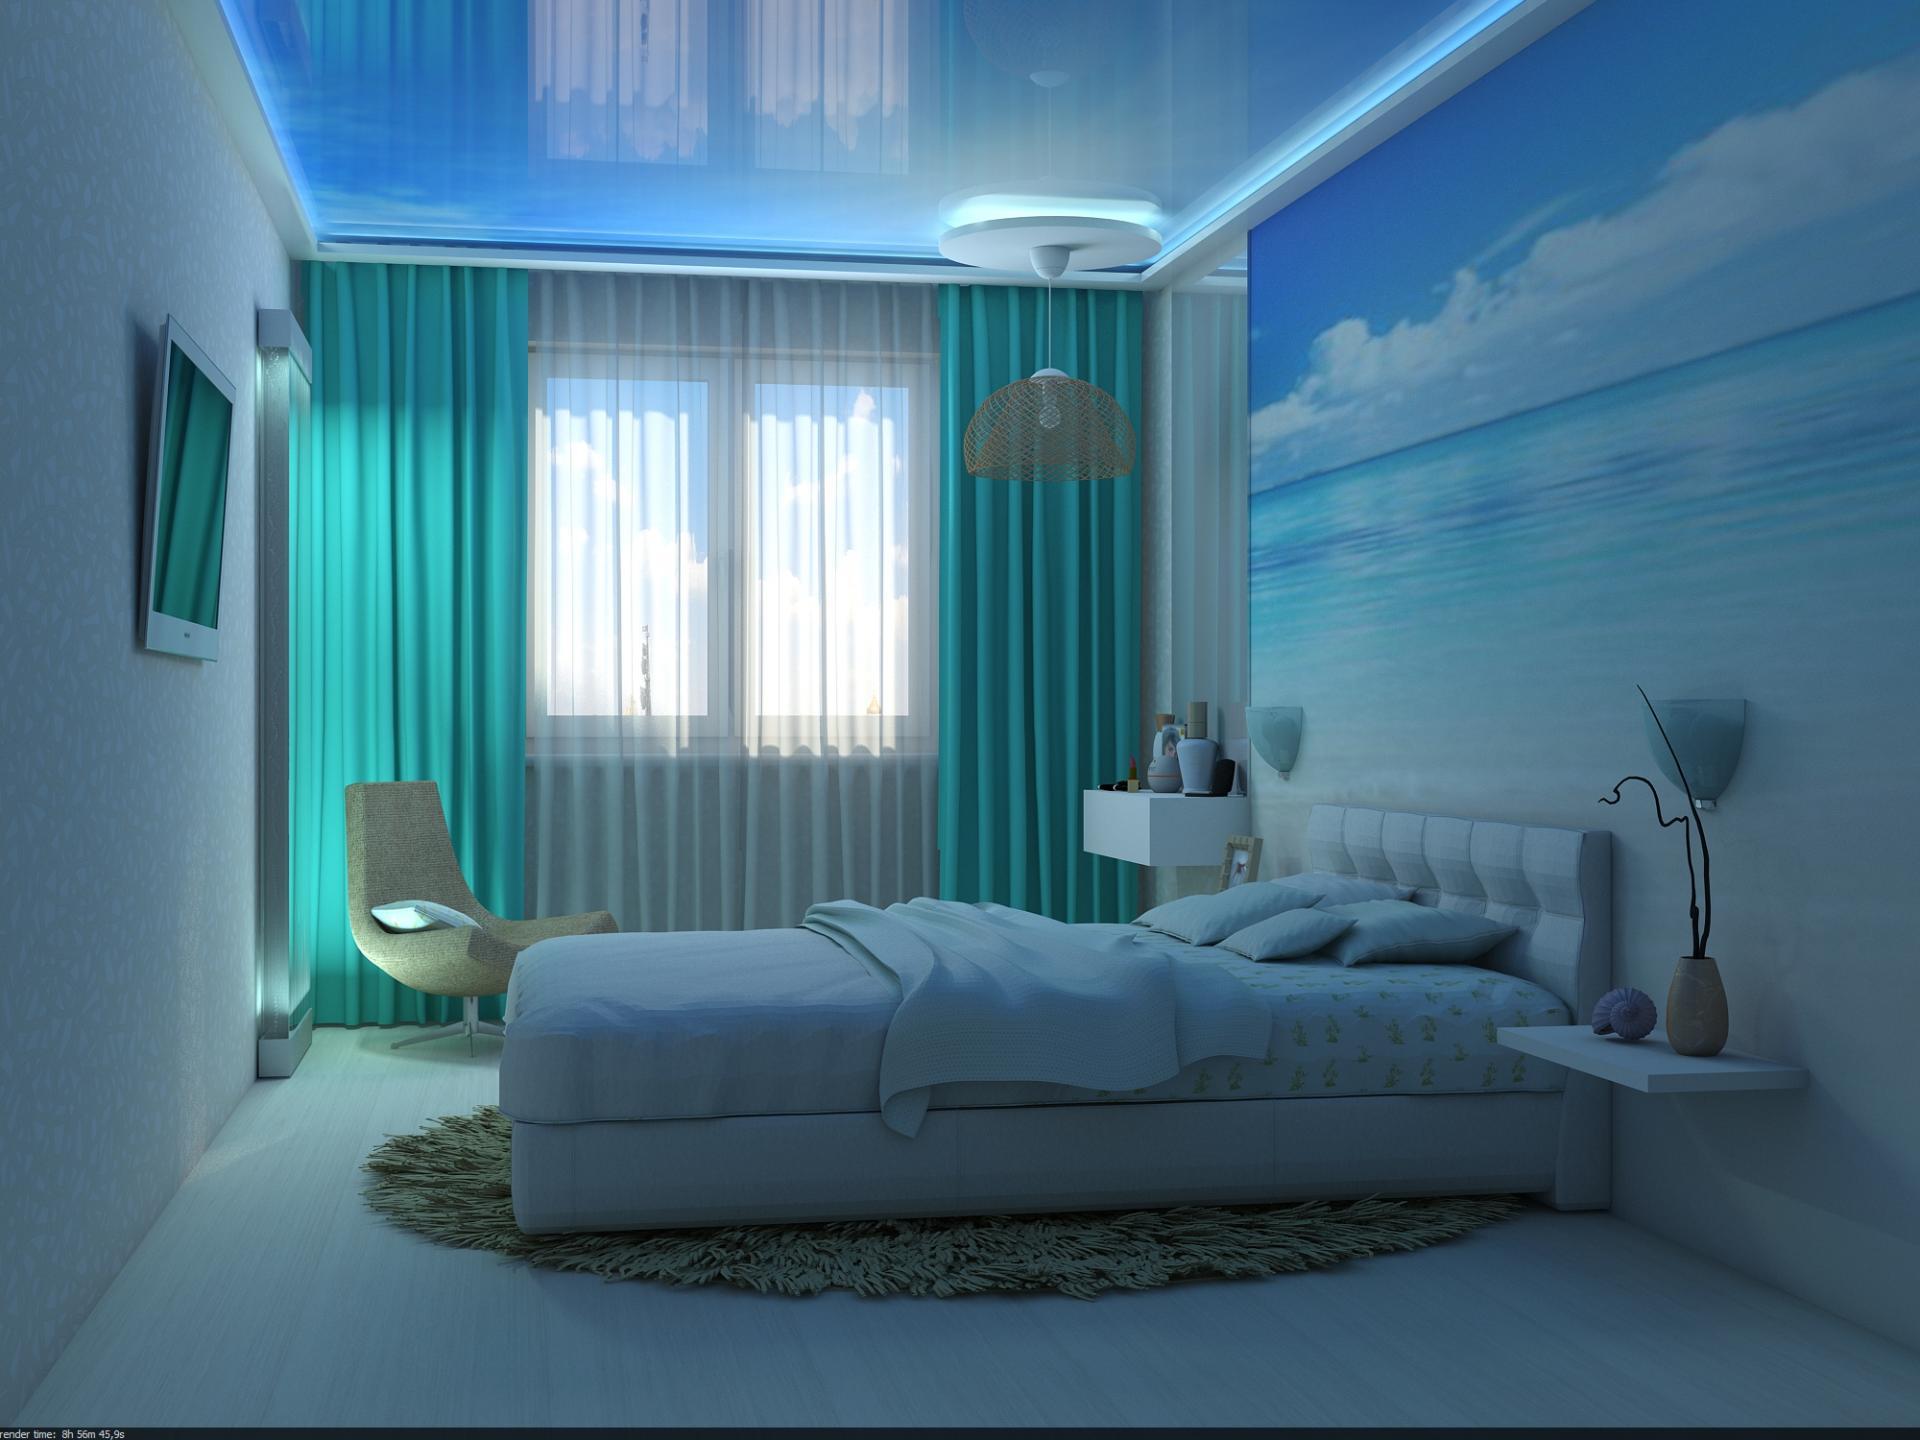 натяжной потолок облака фото в интерьере